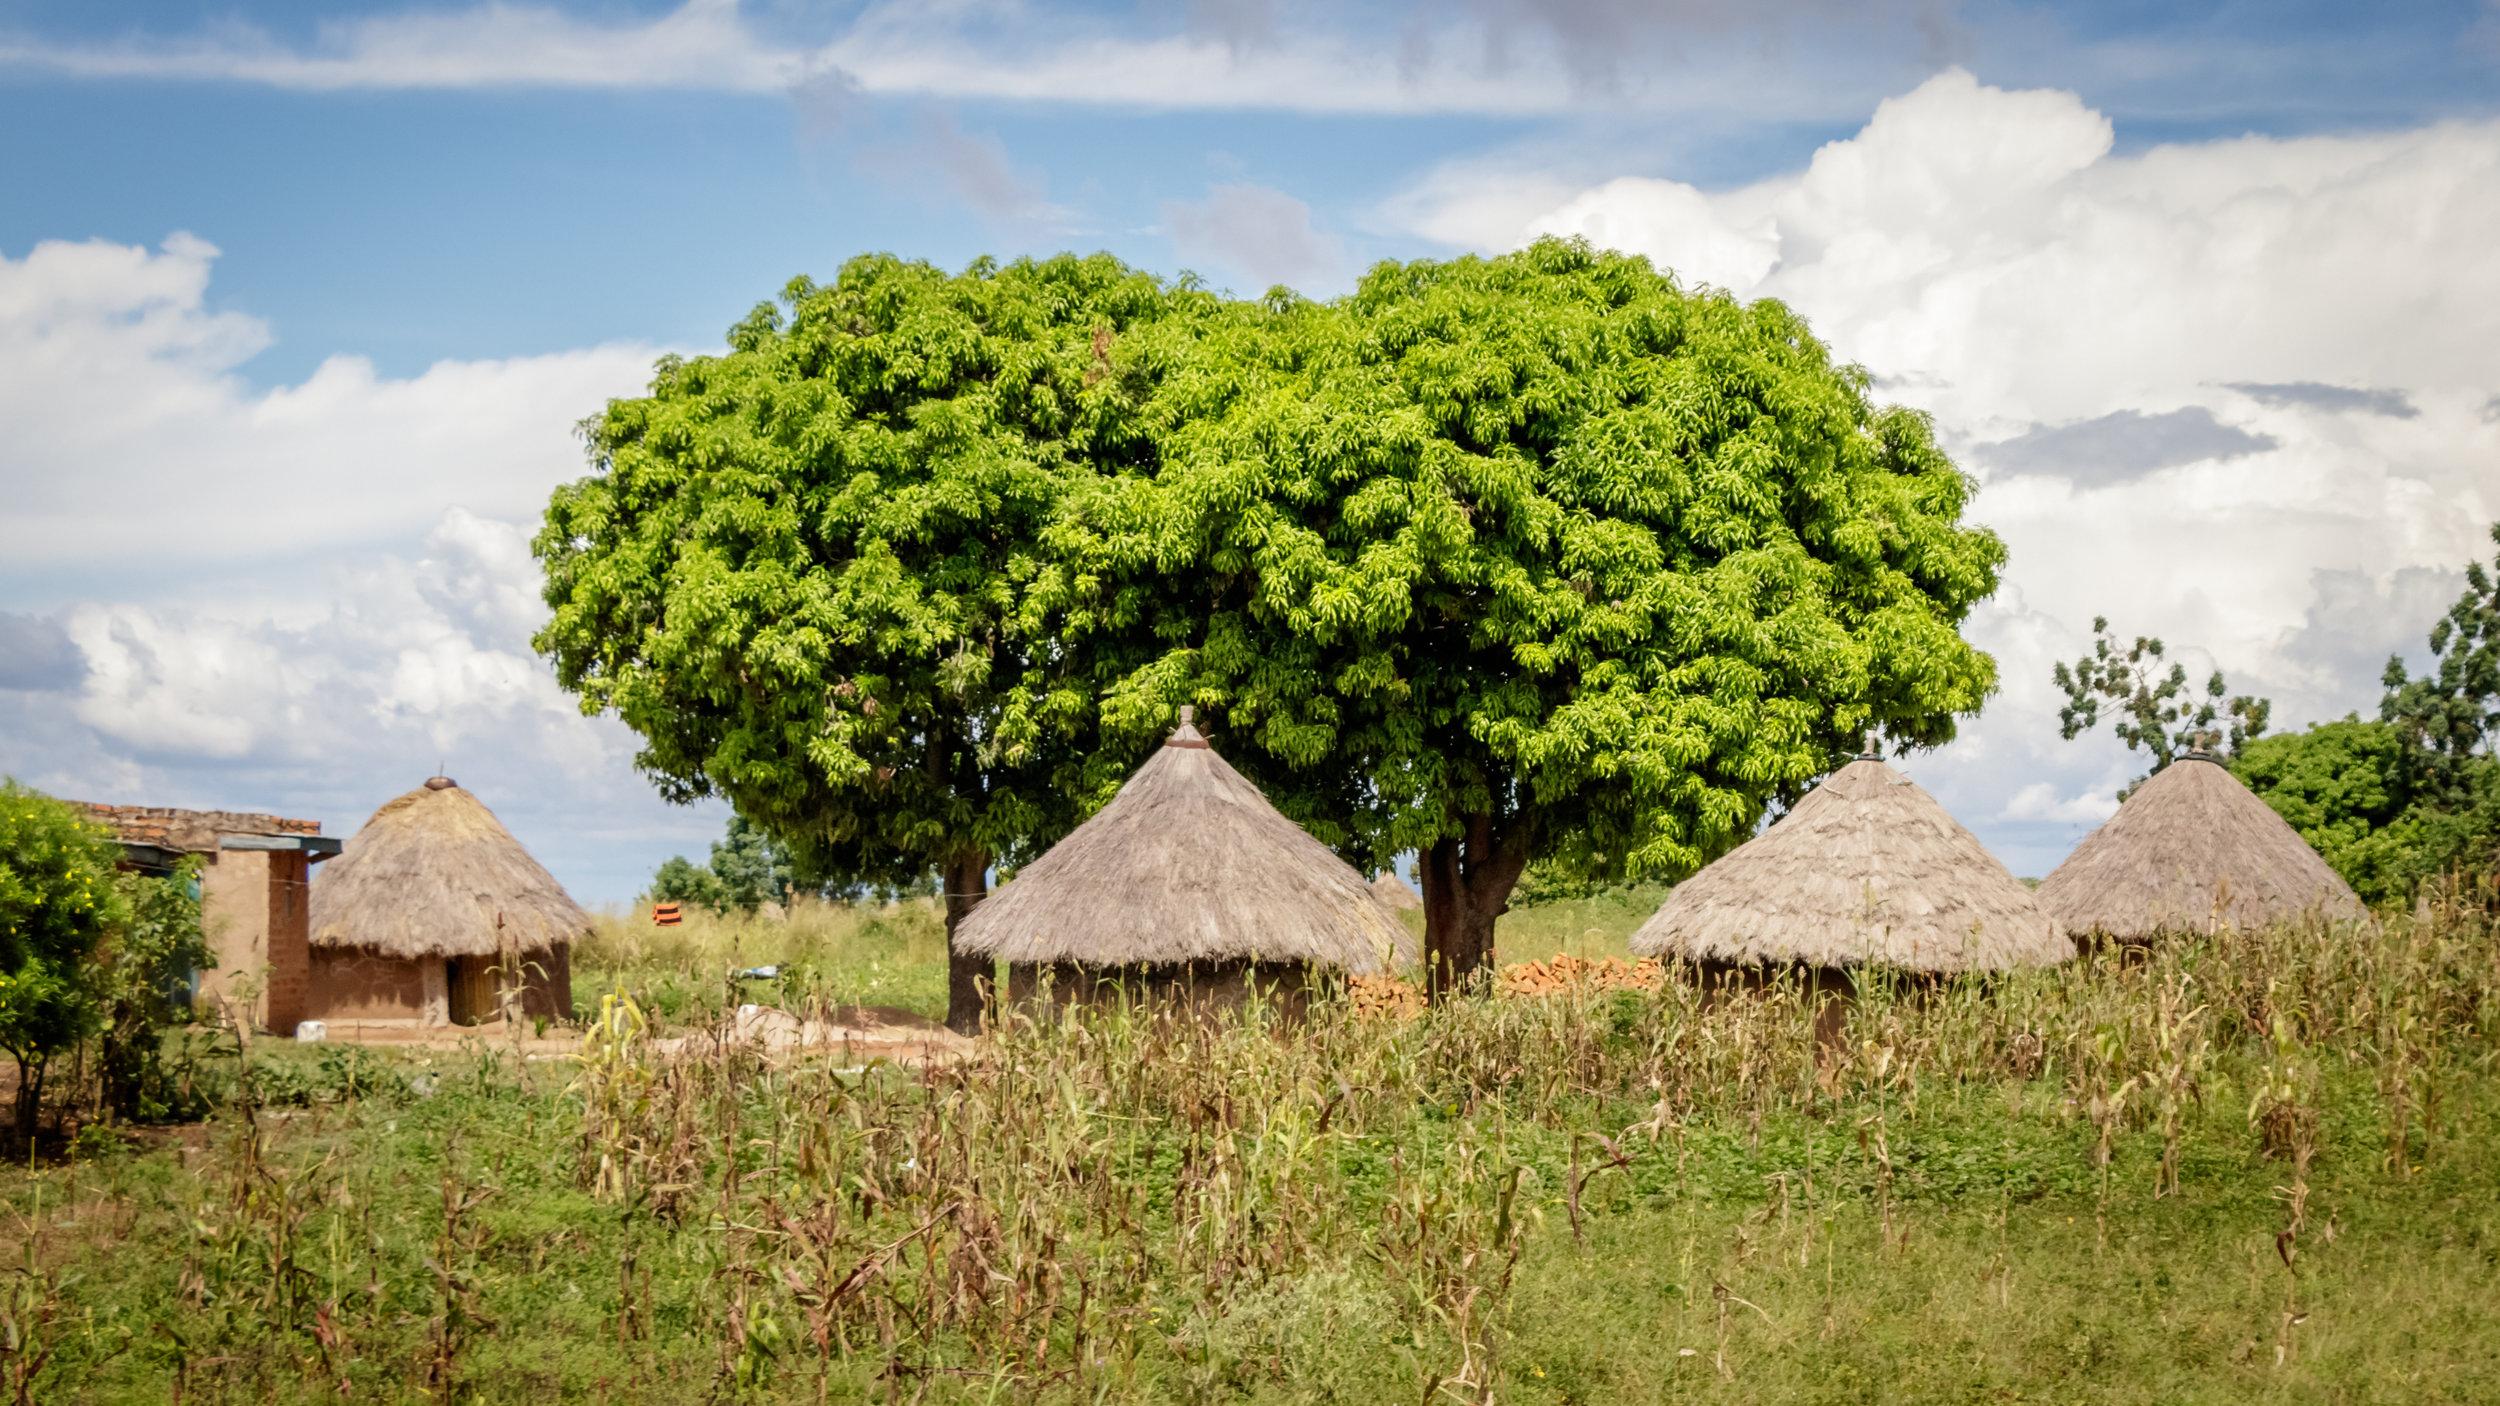 shutterstock_92229169 Uganda village 2.jpg